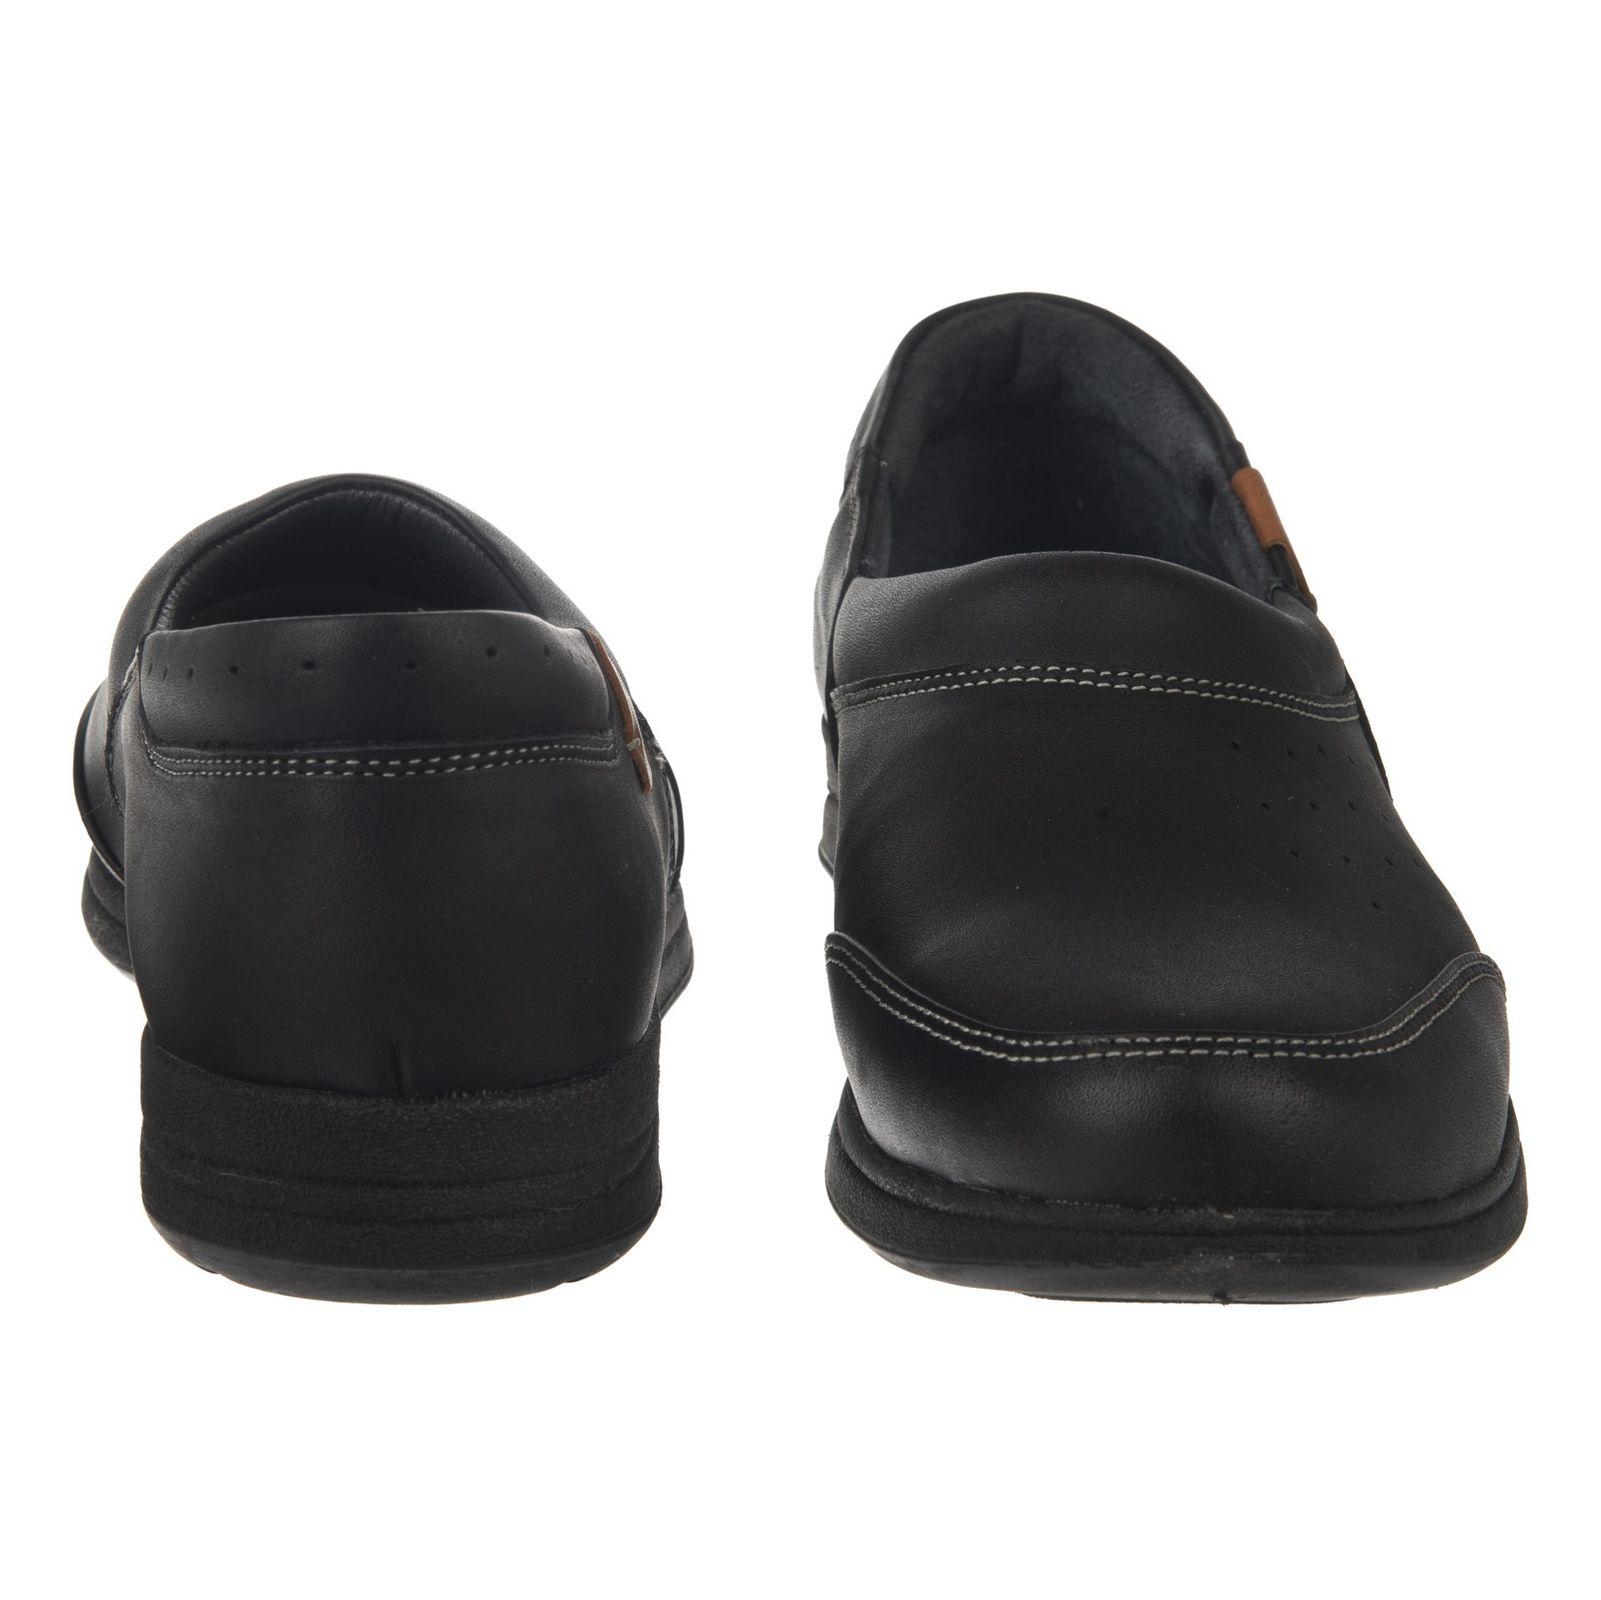 کفش روزمره زنانه شیفر مدل 5181B-101 main 1 3